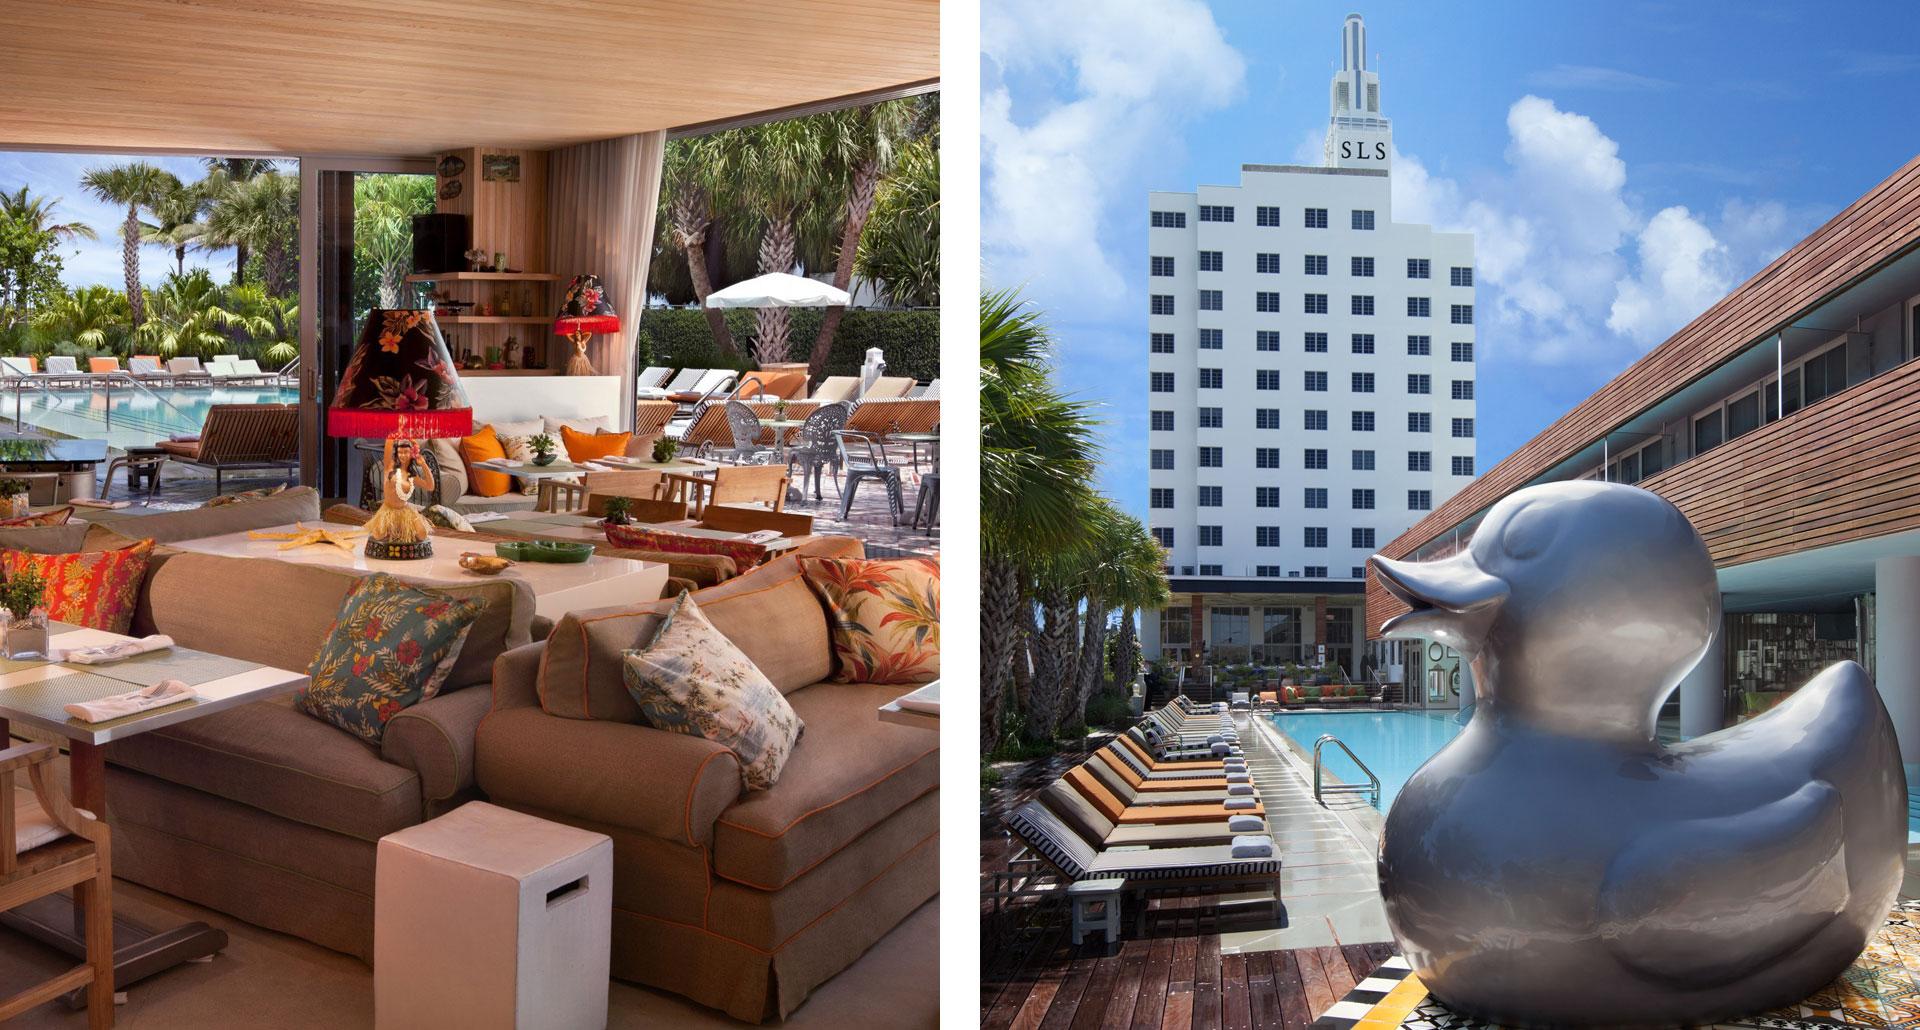 SLS South Beach - boutique hotel in Miami